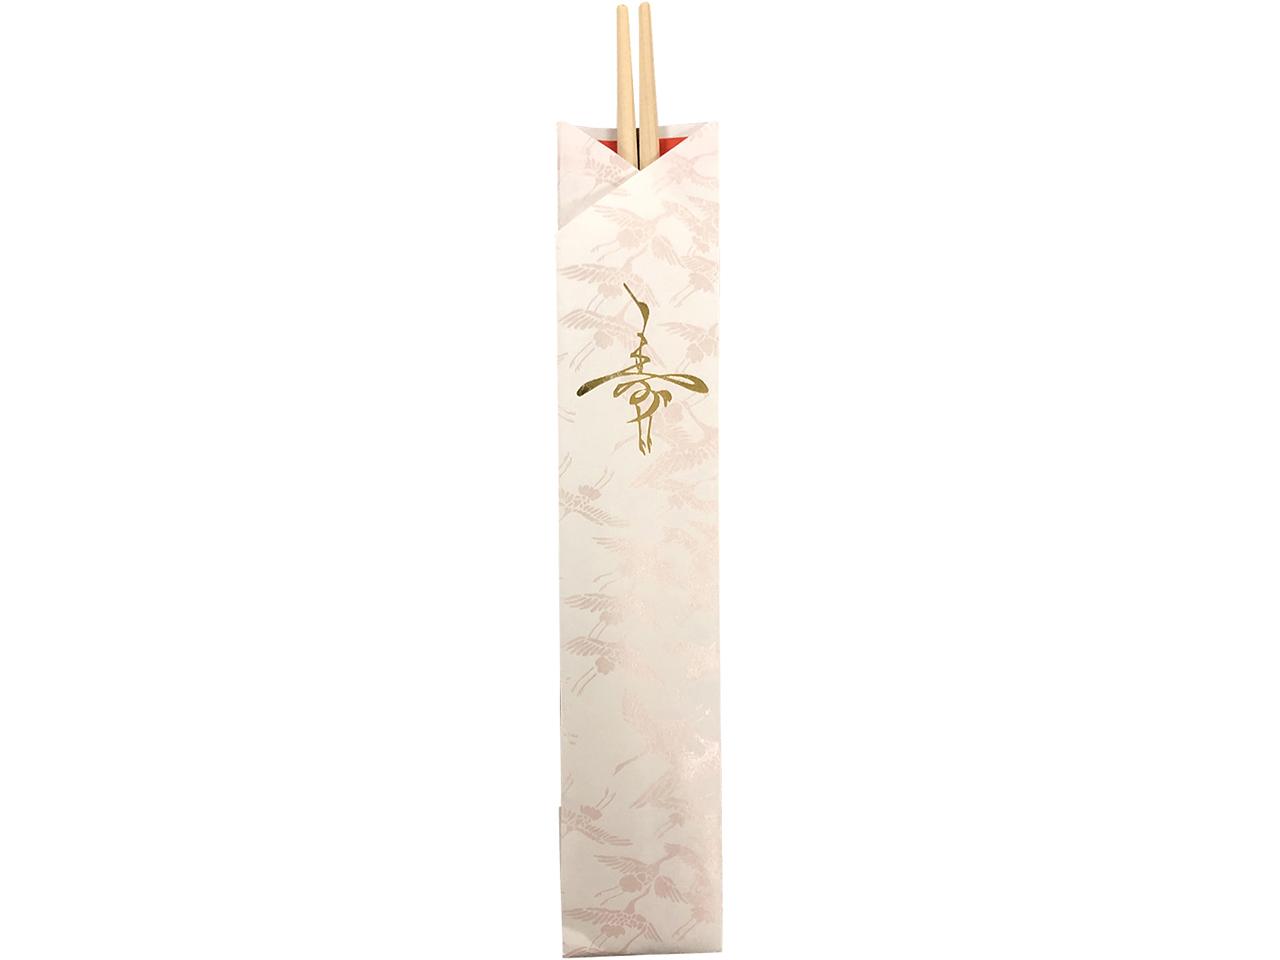 国産ヒノキの割り箸 「桧祝箸 金寿千羽鶴5膳」 ポストIN発送対応商品